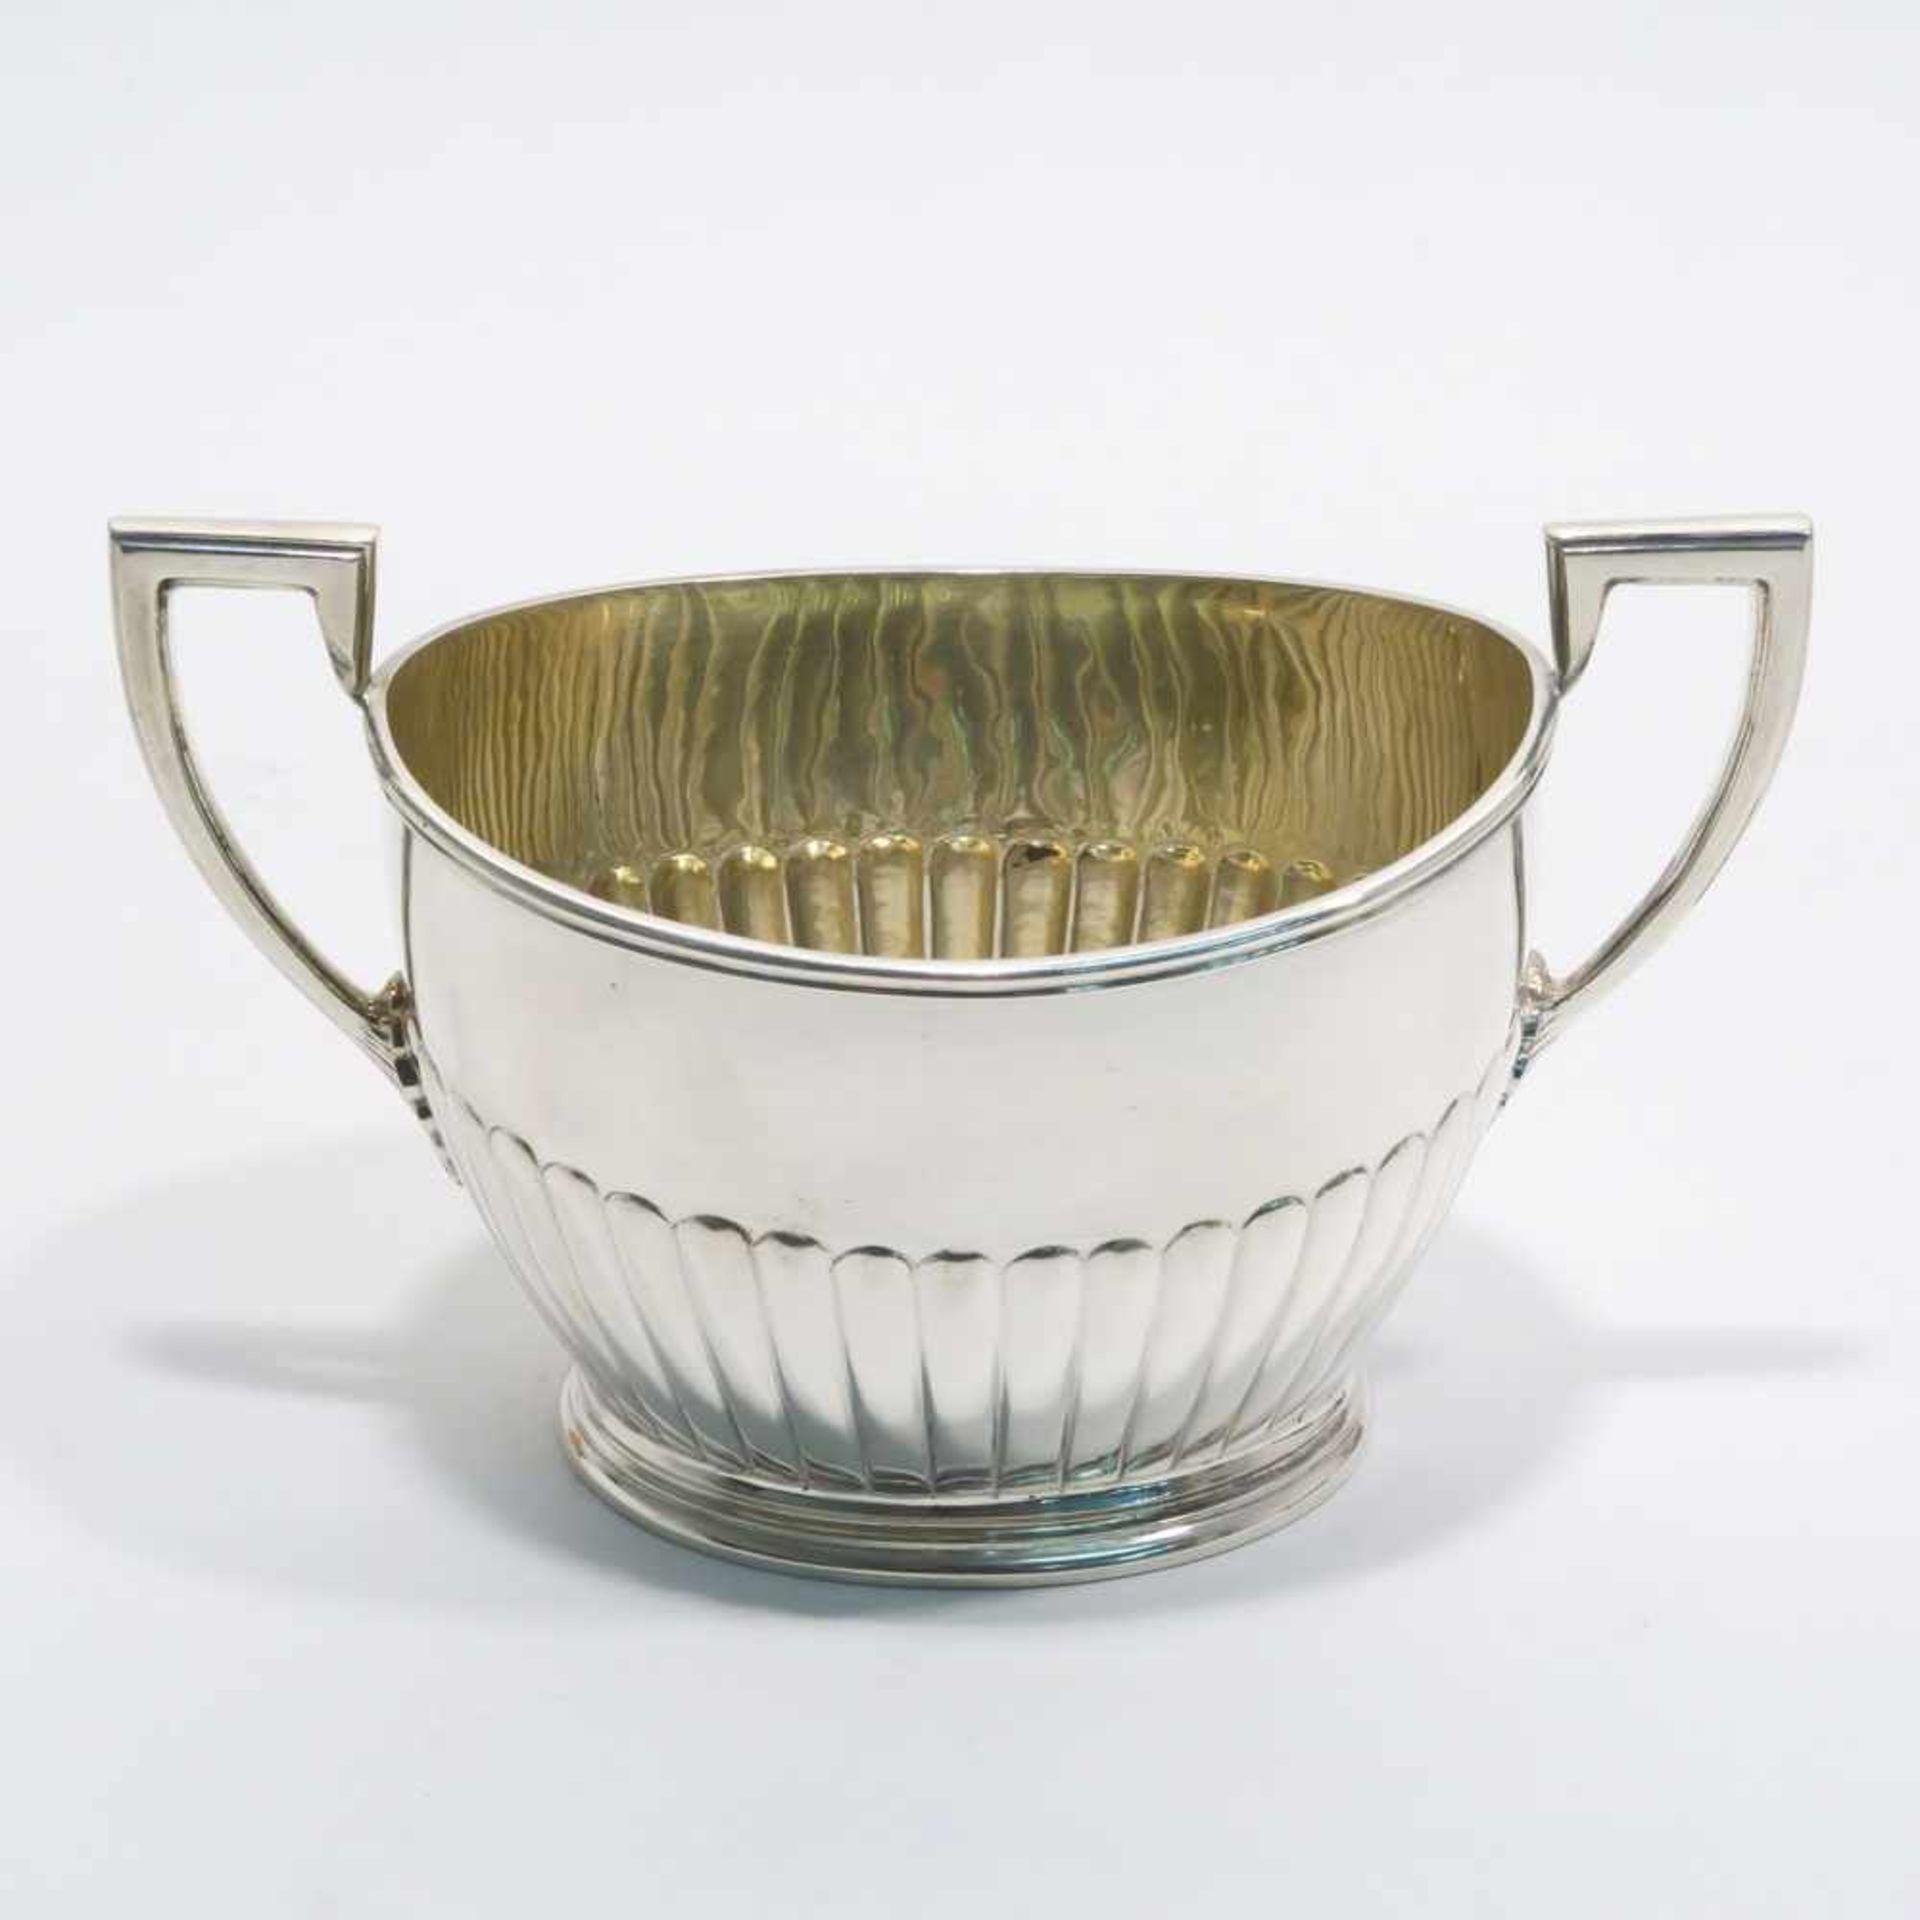 Los 9 - ZuckerschaleBerlin, Körner & Proll. Silber, innen vergoldet. Ovaler, profilierter Stand, Wandung